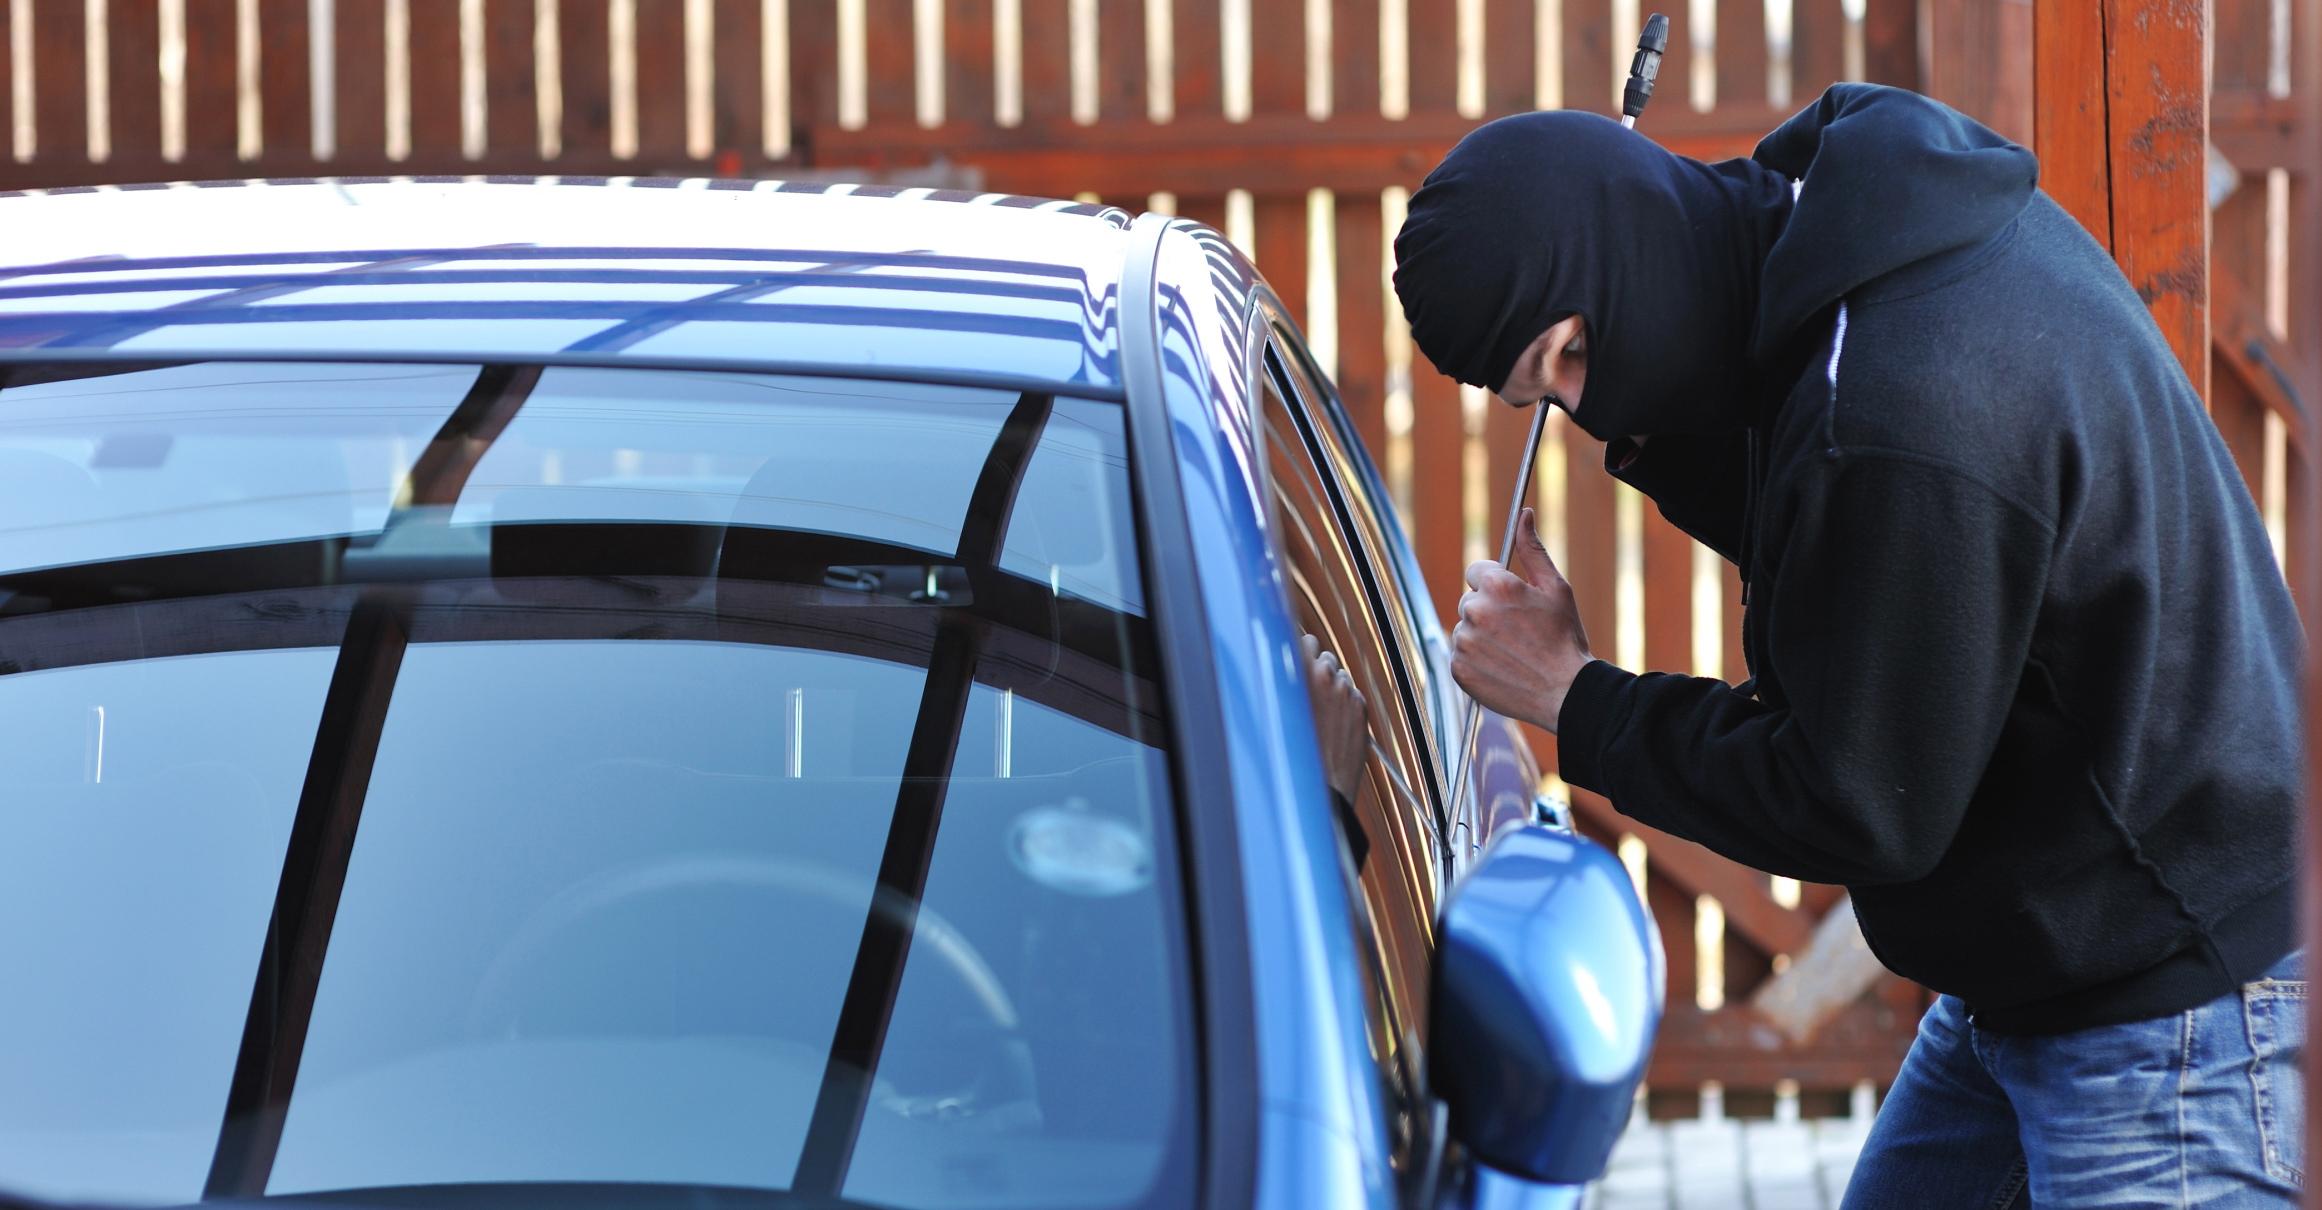 القبض على سارقي عملاء بنوك في عجمان